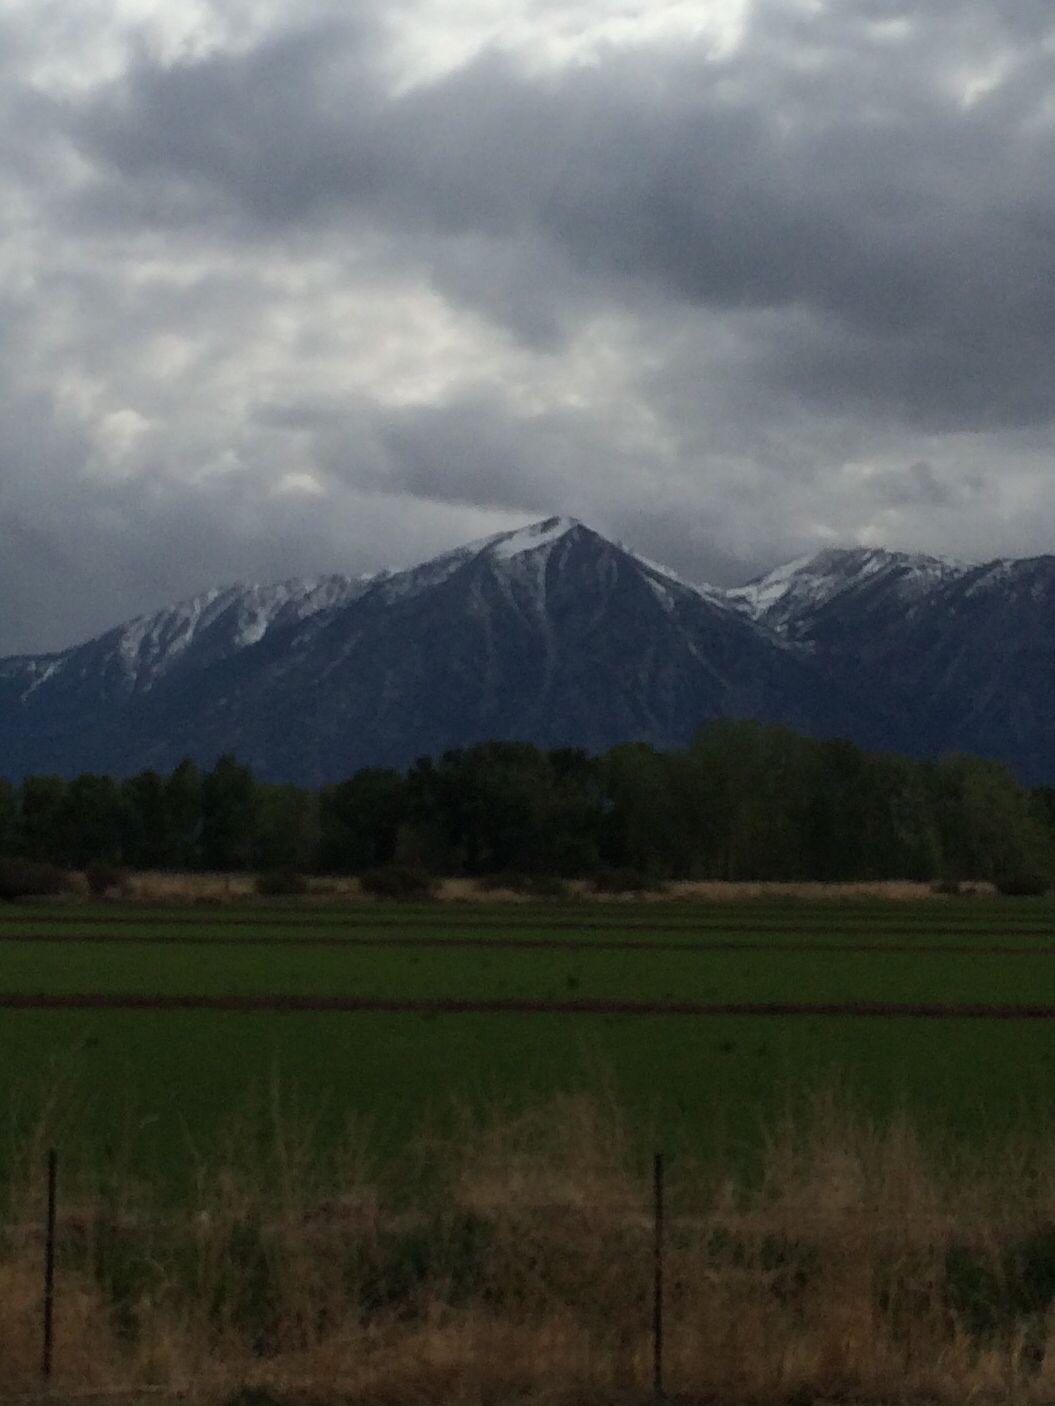 Stormy Day At Jobs Peak Near Gardnerville Nv Wild Wild West